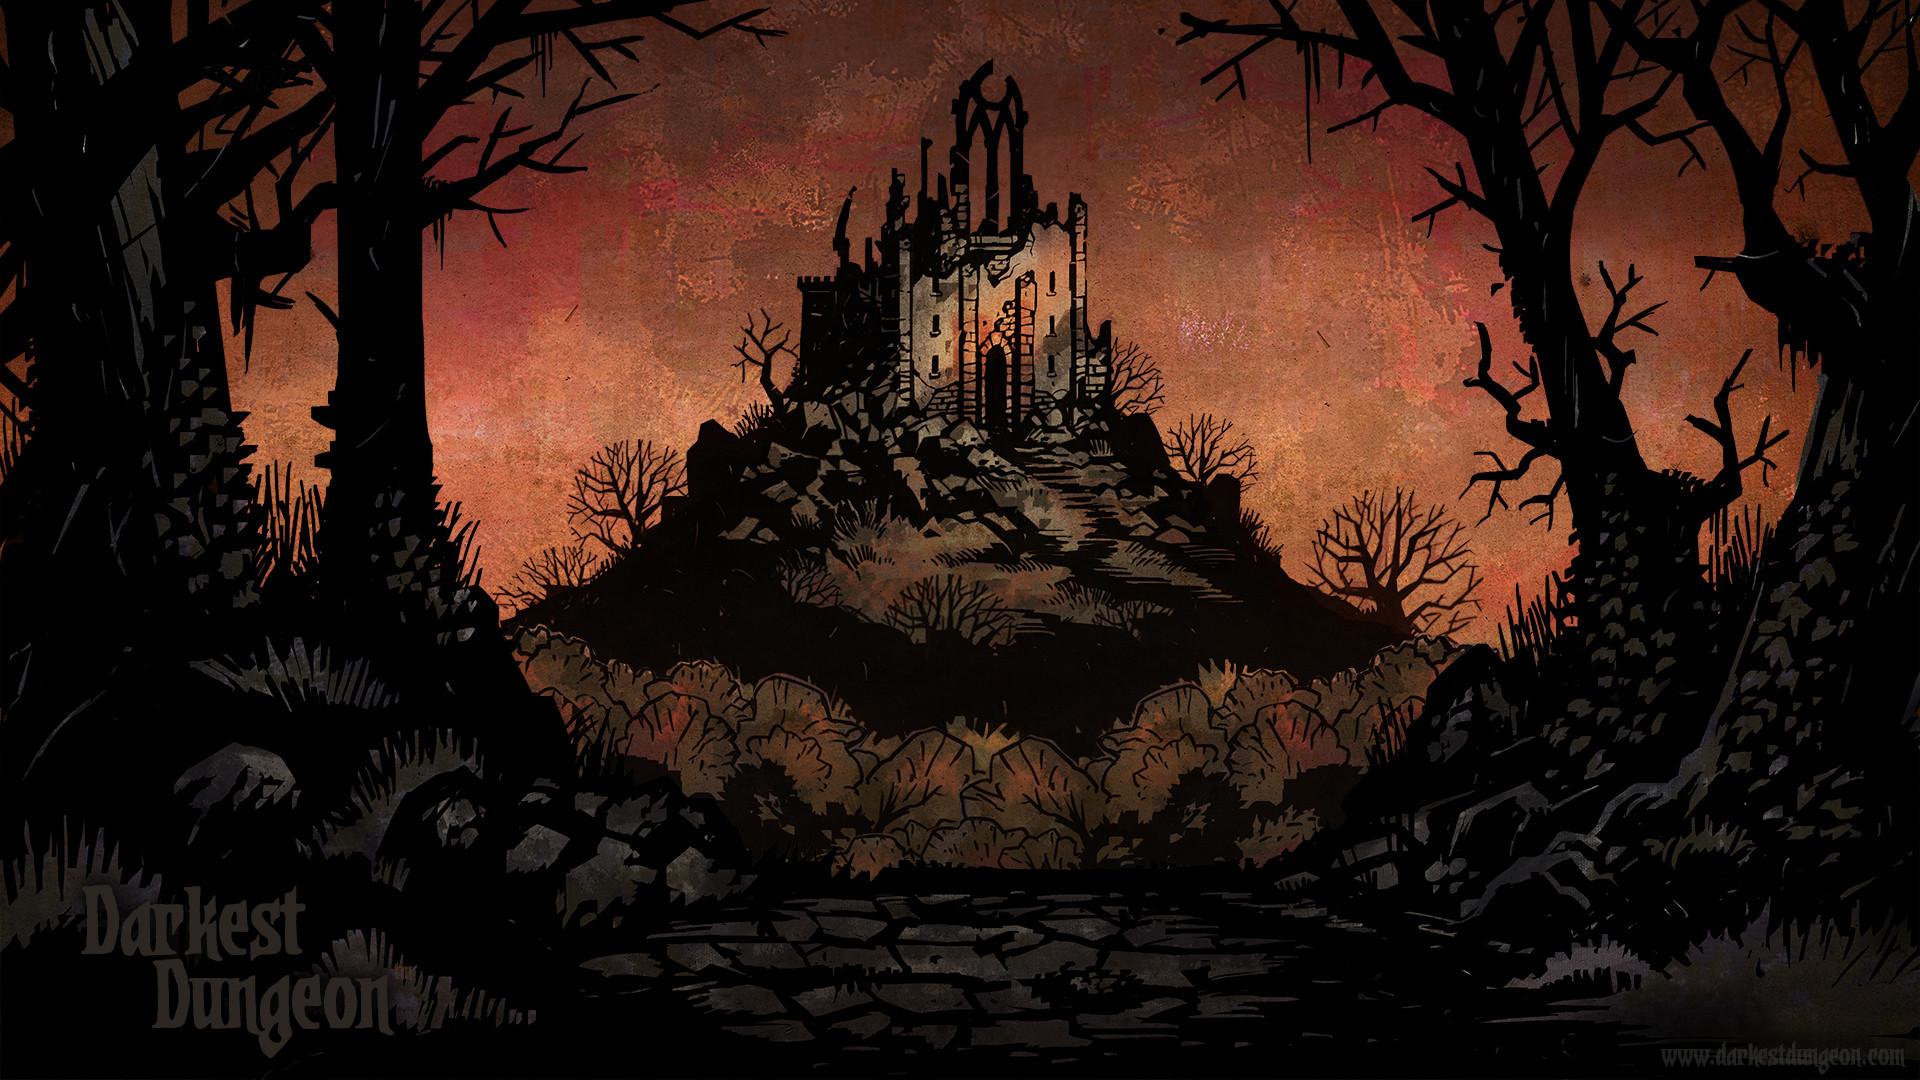 Video Game Darkest Dungeon Wallpaper